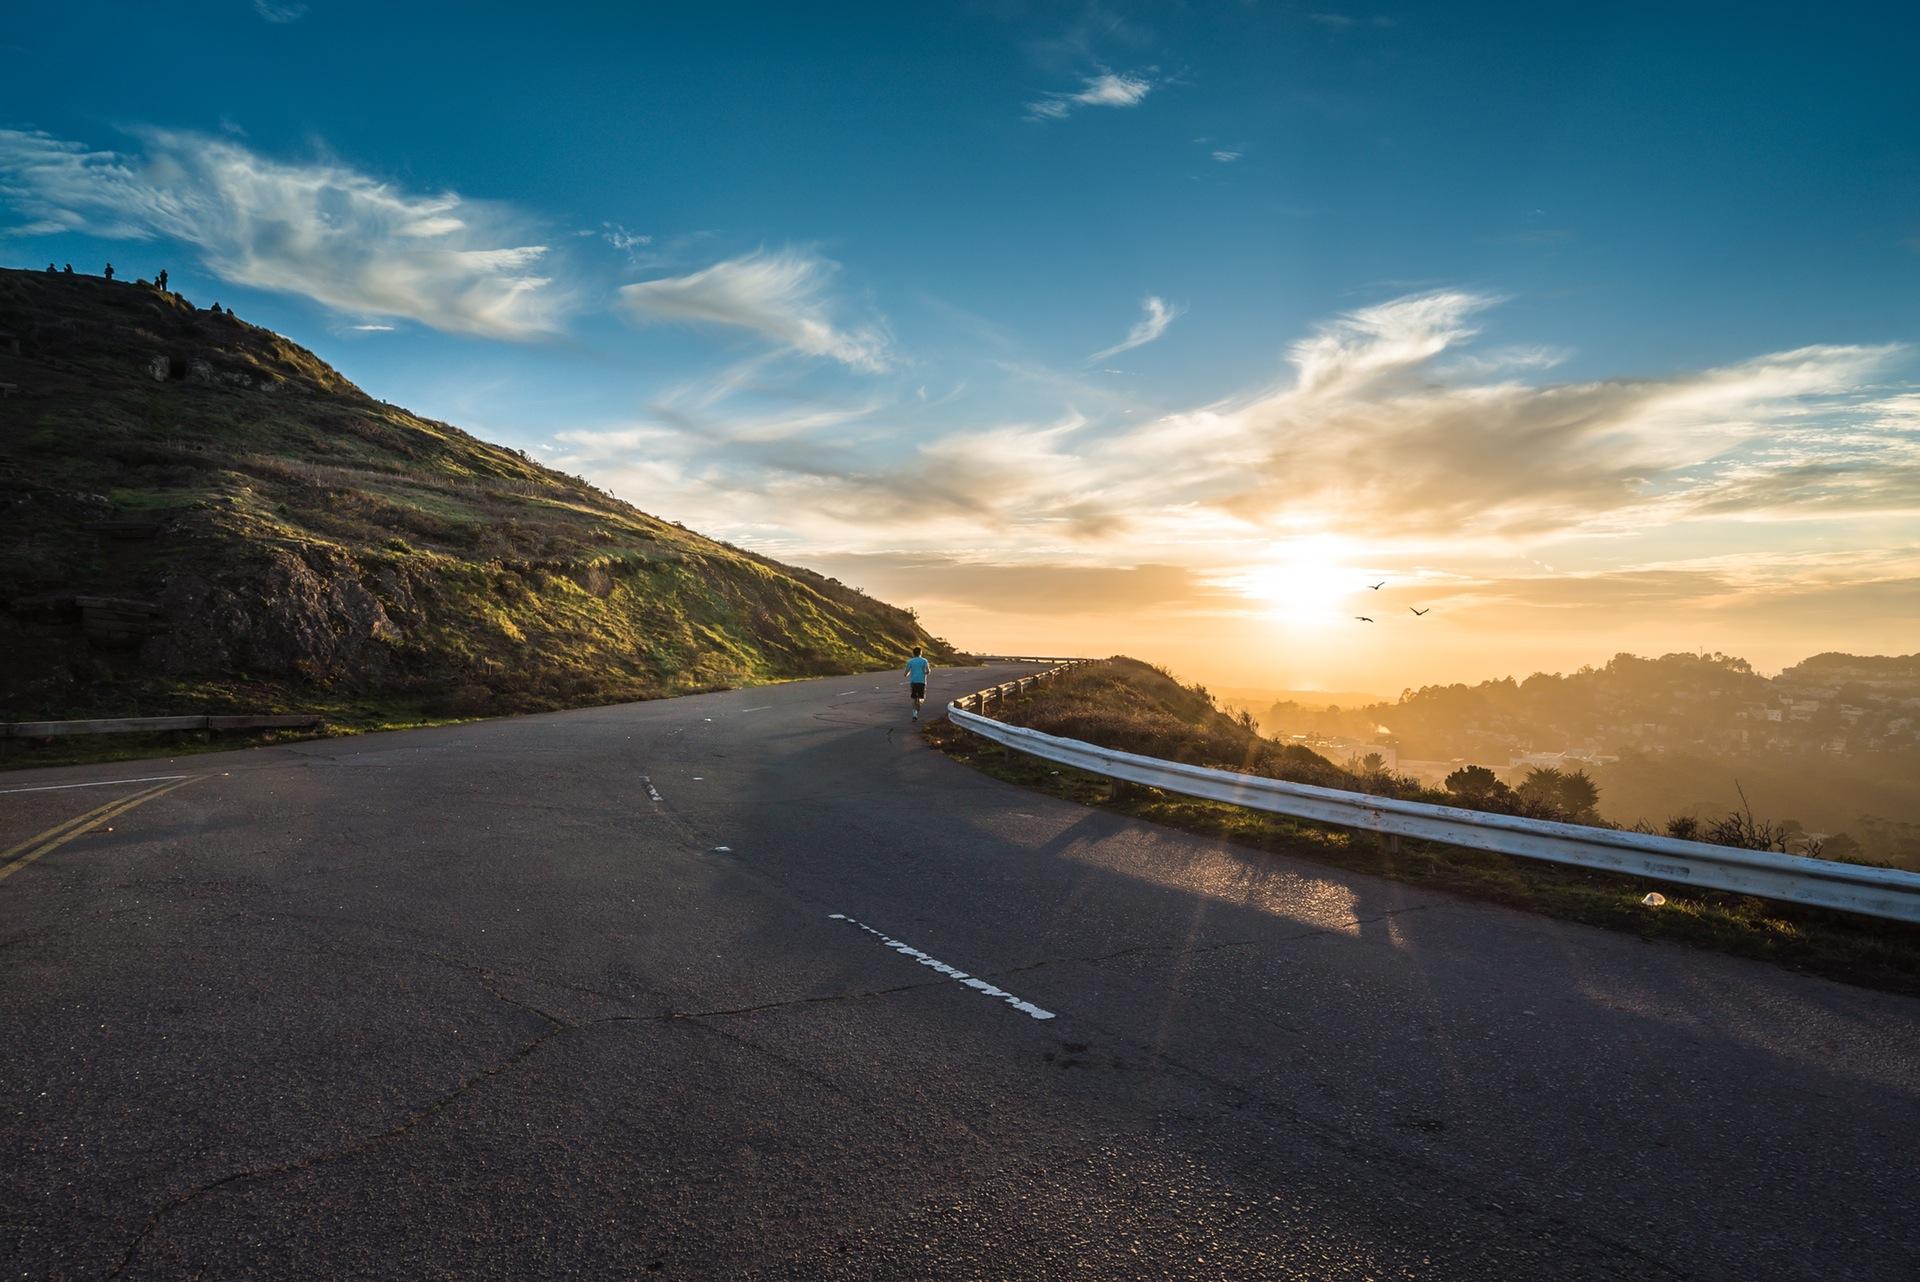 Дорога, Рассвет, Холл, горы, Небо, облака, кривые, Запуск, Бегун - Обои HD - Профессор falken.com